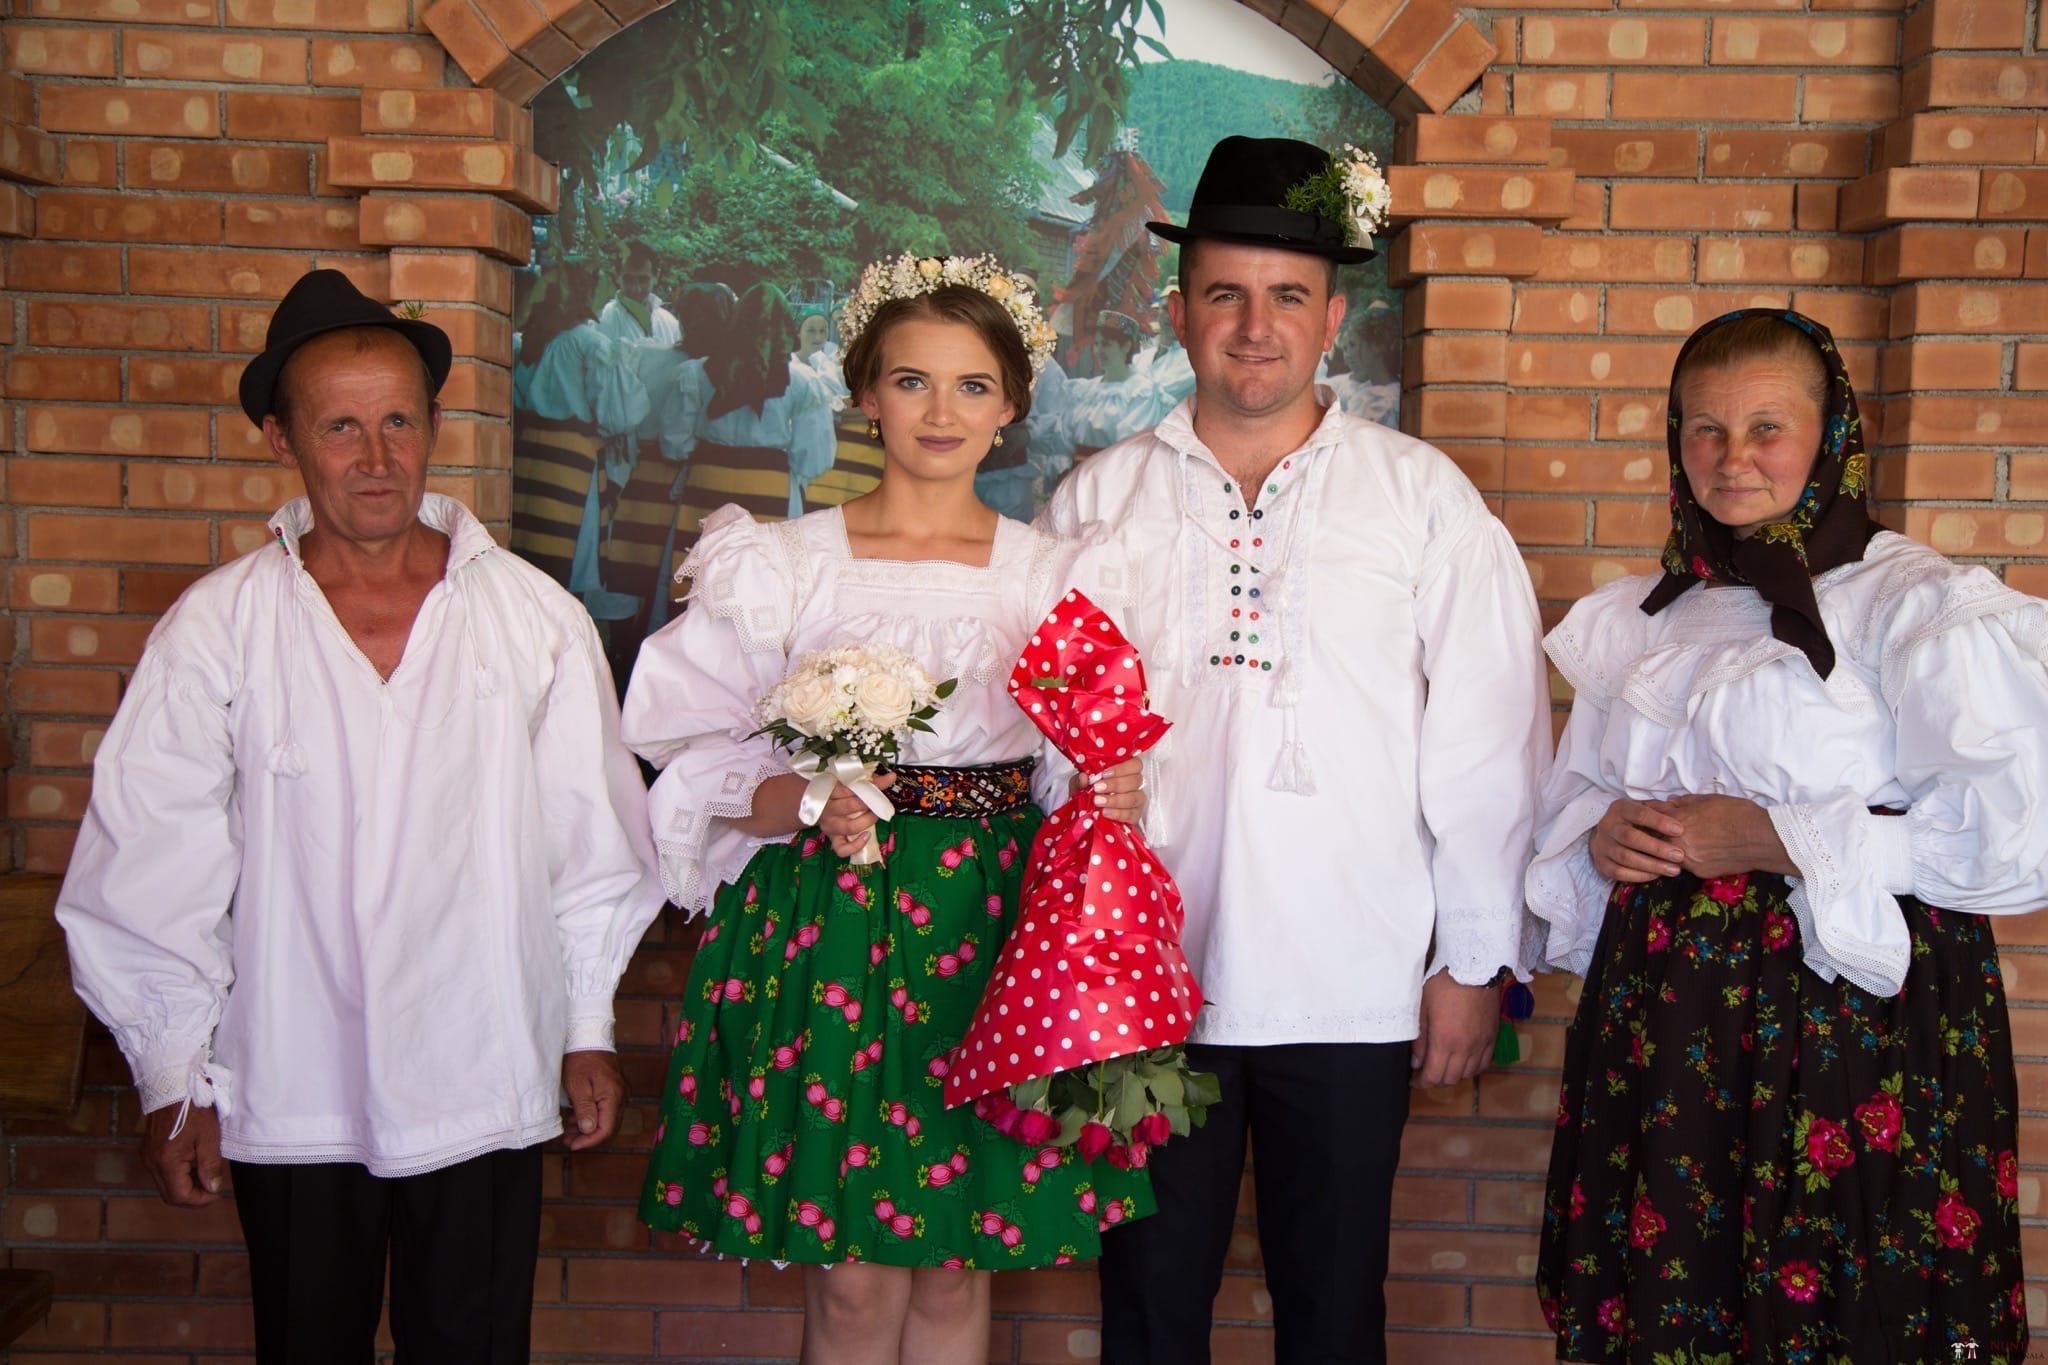 Povești Nunți Tradiționale - Ancuța și Nicu, cununie tradițională în Giulești, Maramureș 26